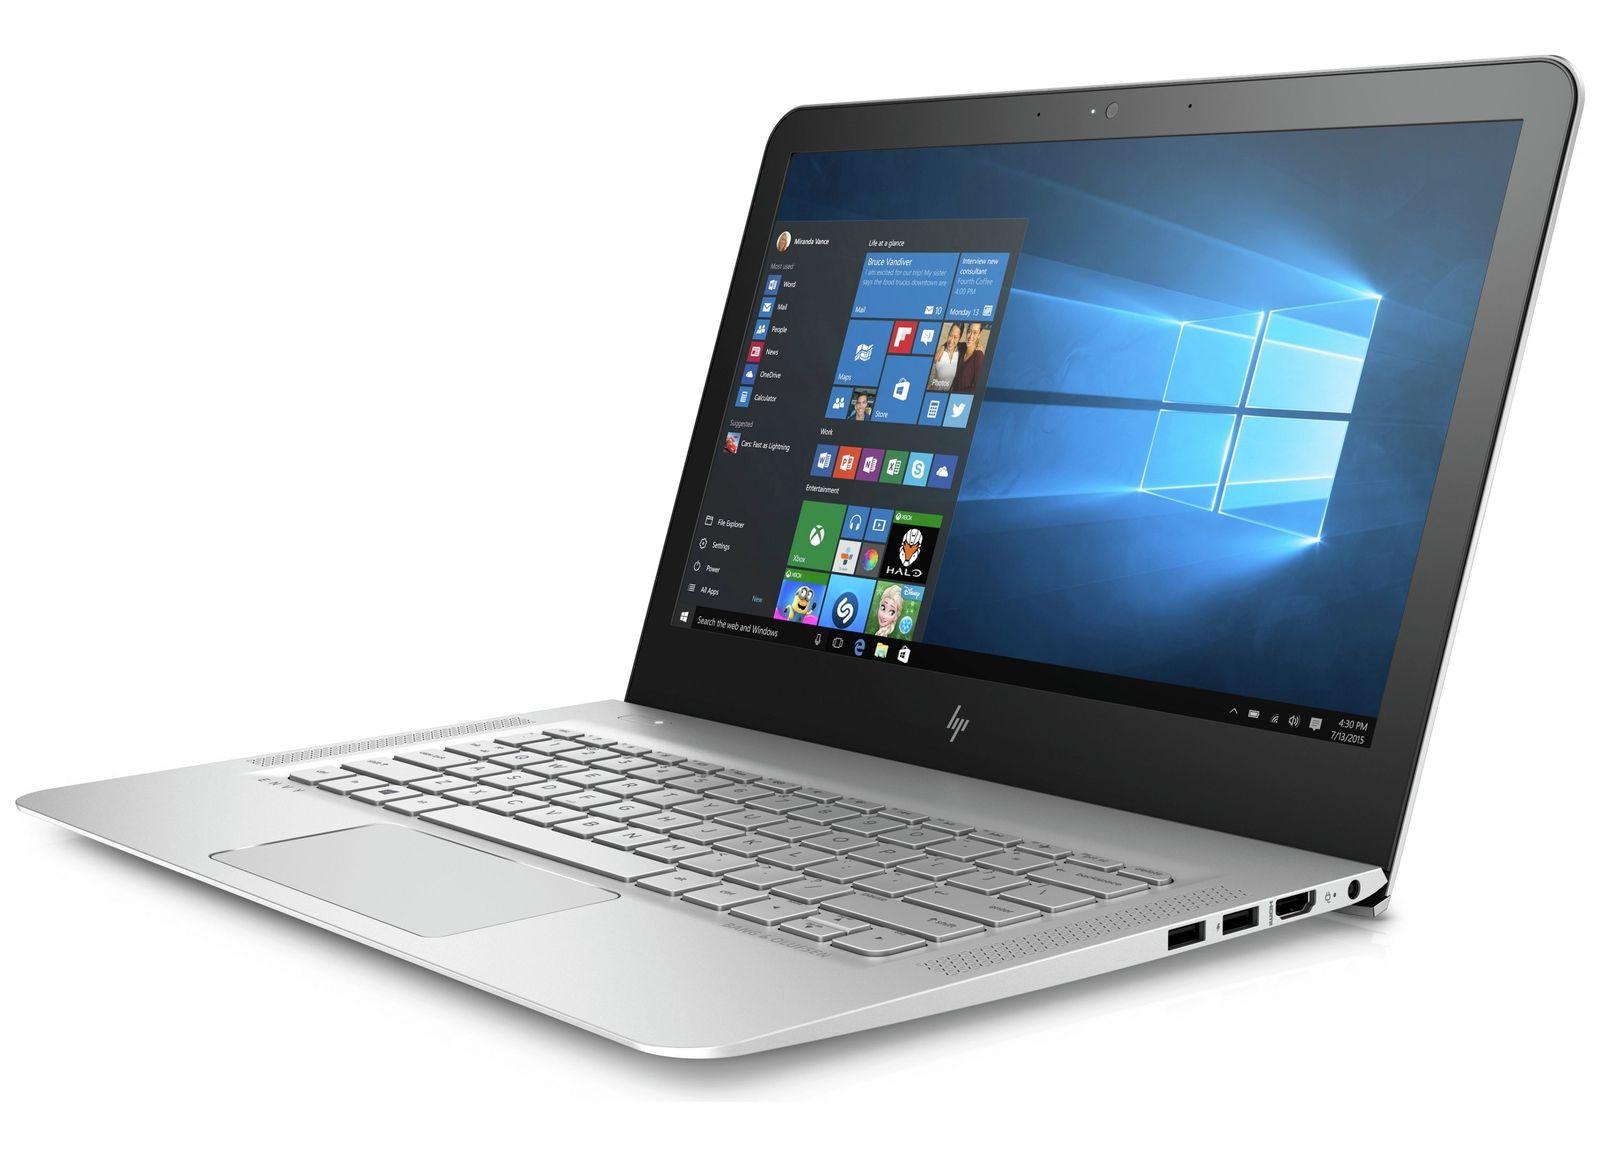 HP Envy 13 i5 7200U 8GB 256GB SSD QHD 3200 x 1800 Touchscreen - £624.99 @ Argos / eBay